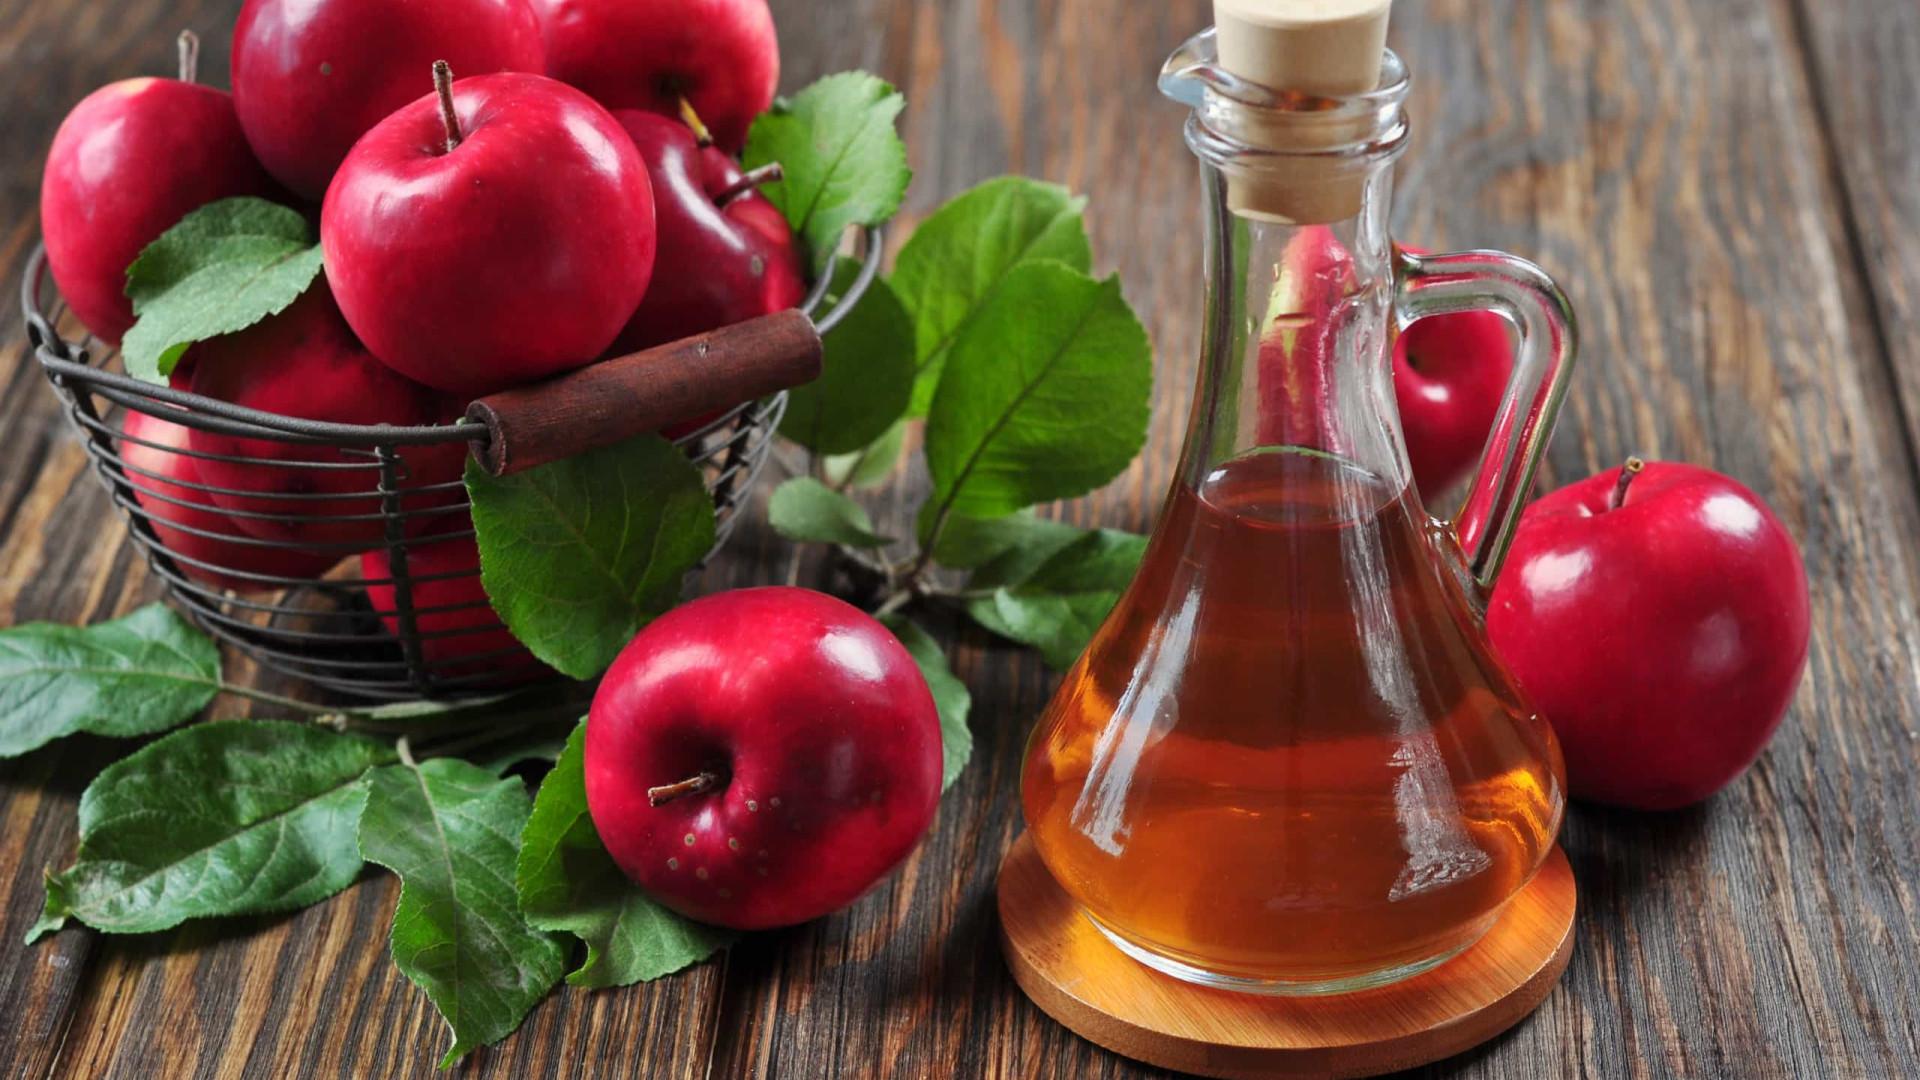 Doze alimentos saudáveis que ajudam a queimar gordura